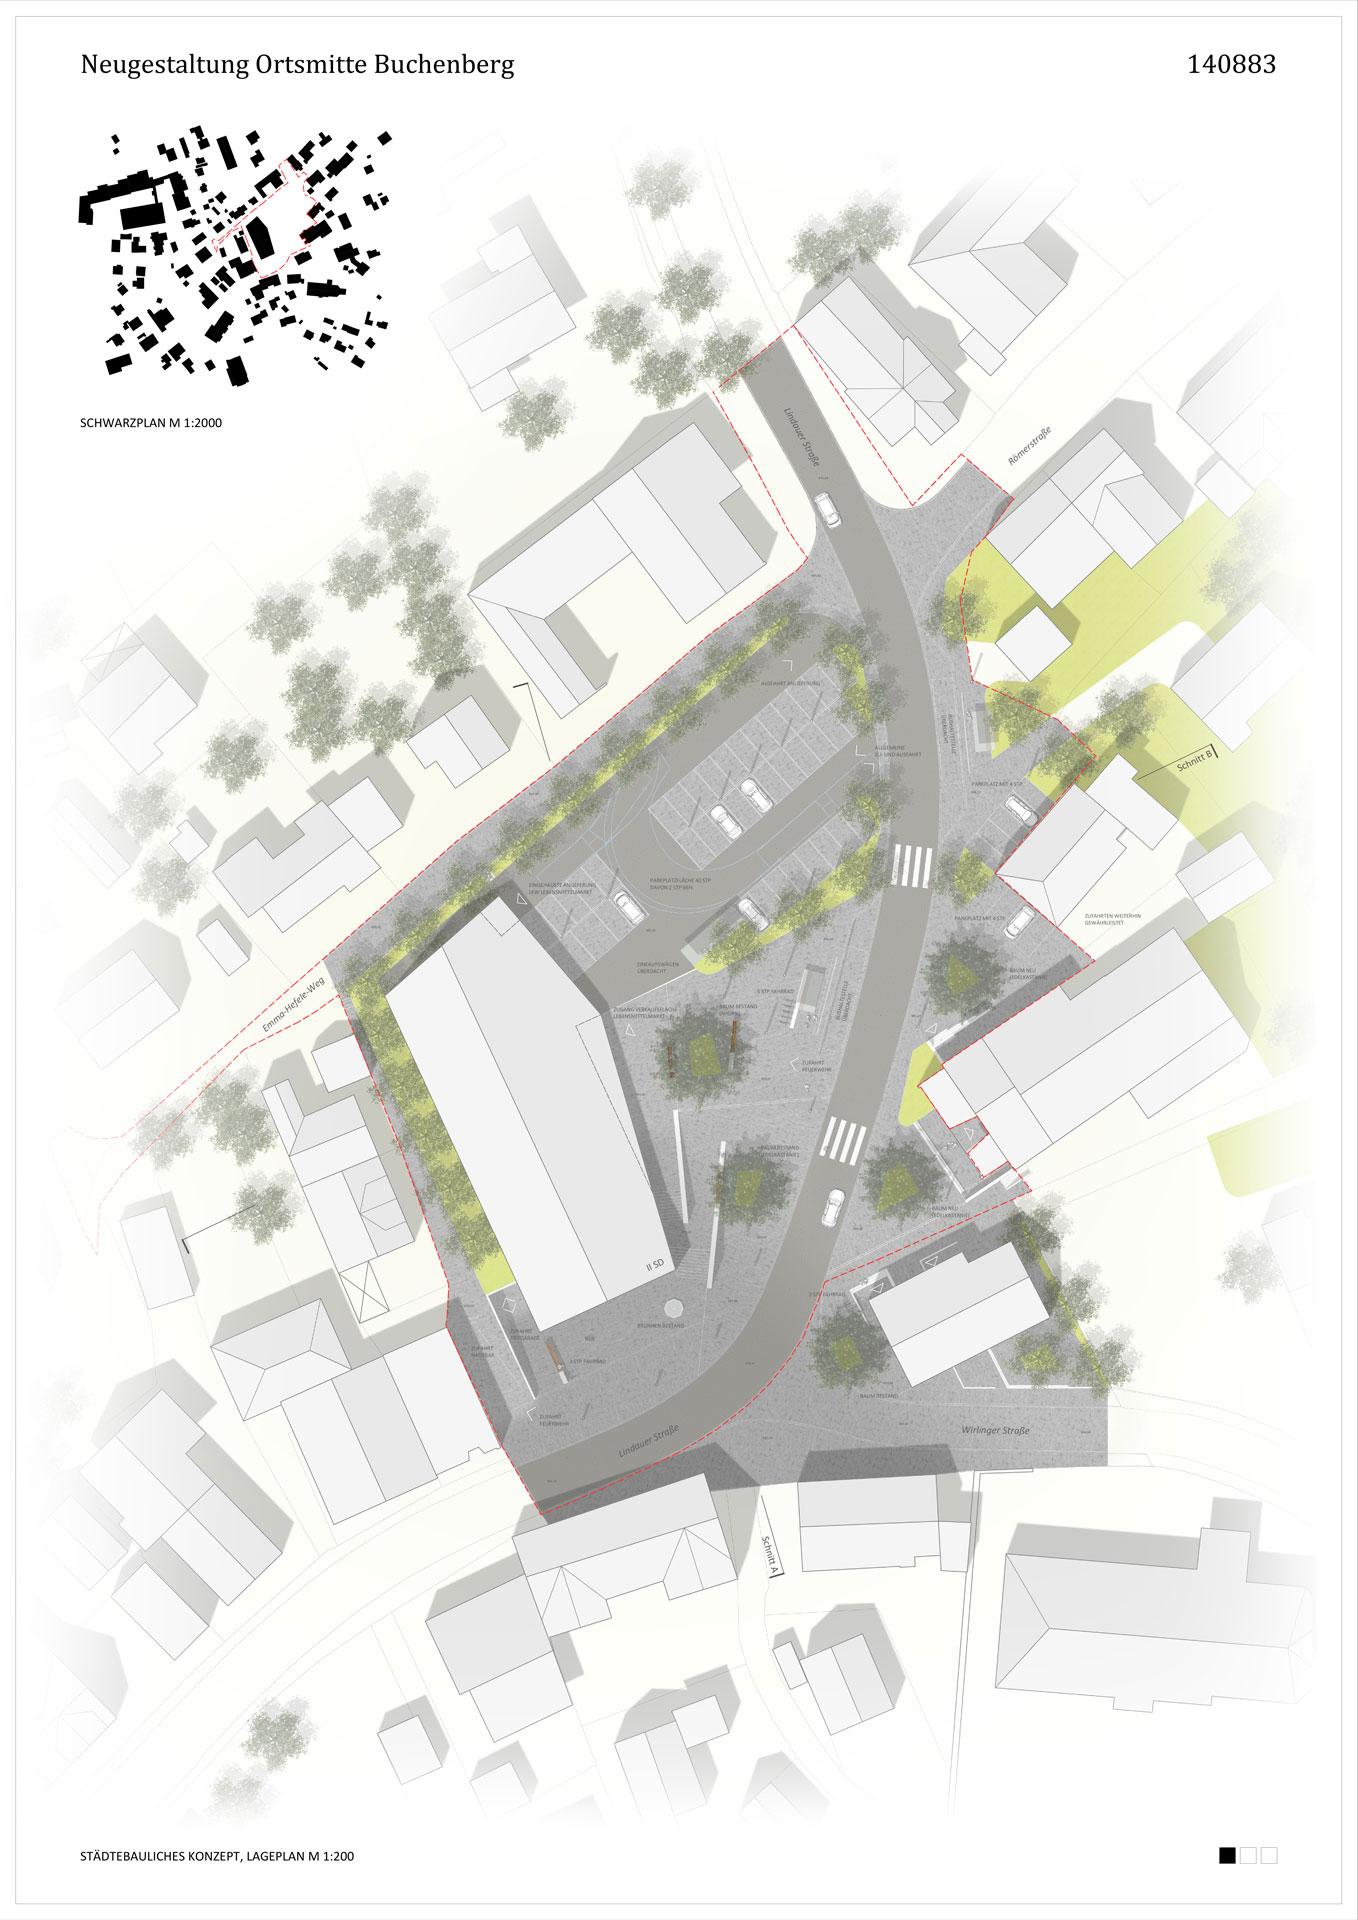 architektur-plus-raum-buchenberg-ortsmitte-plan-1